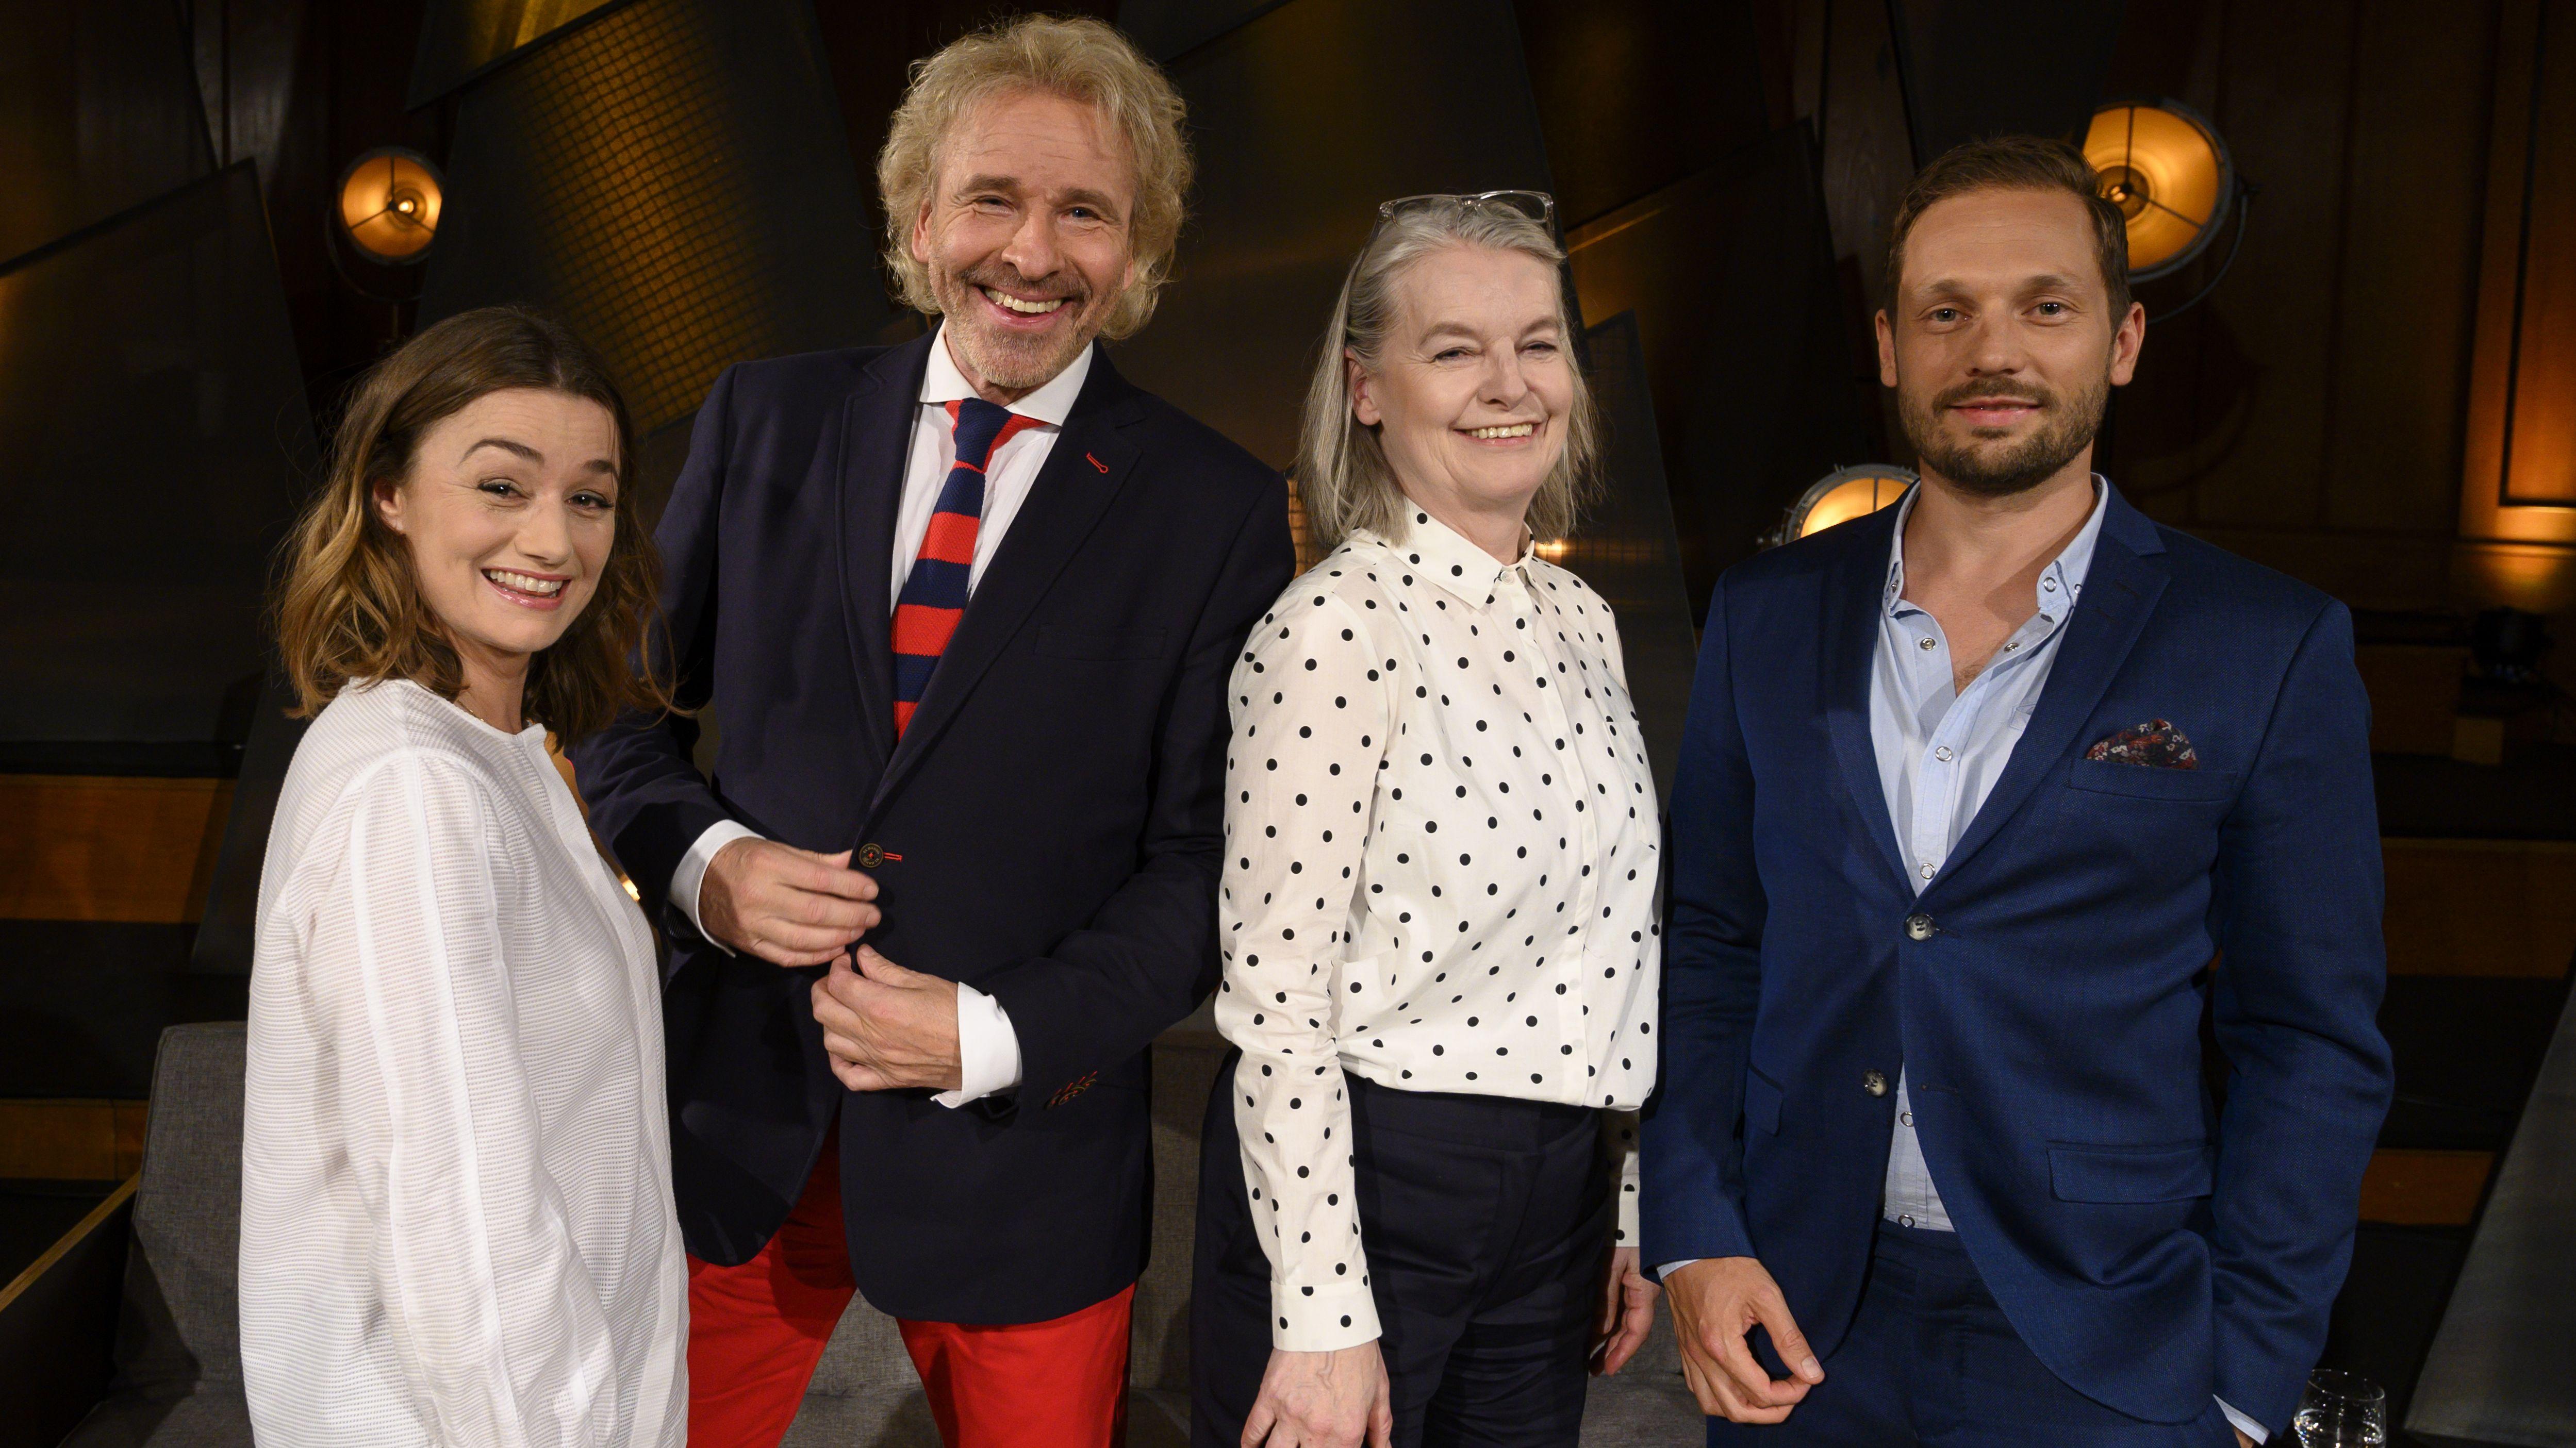 Ibiza-Video, I-Pad-Nase und abgebrannte Bibliothek sind die Themen über die Thomas Gottschalk mit seinen Gästen Johanna Adorján, Marlene Streeruwitz und Friedemann Karig spricht.